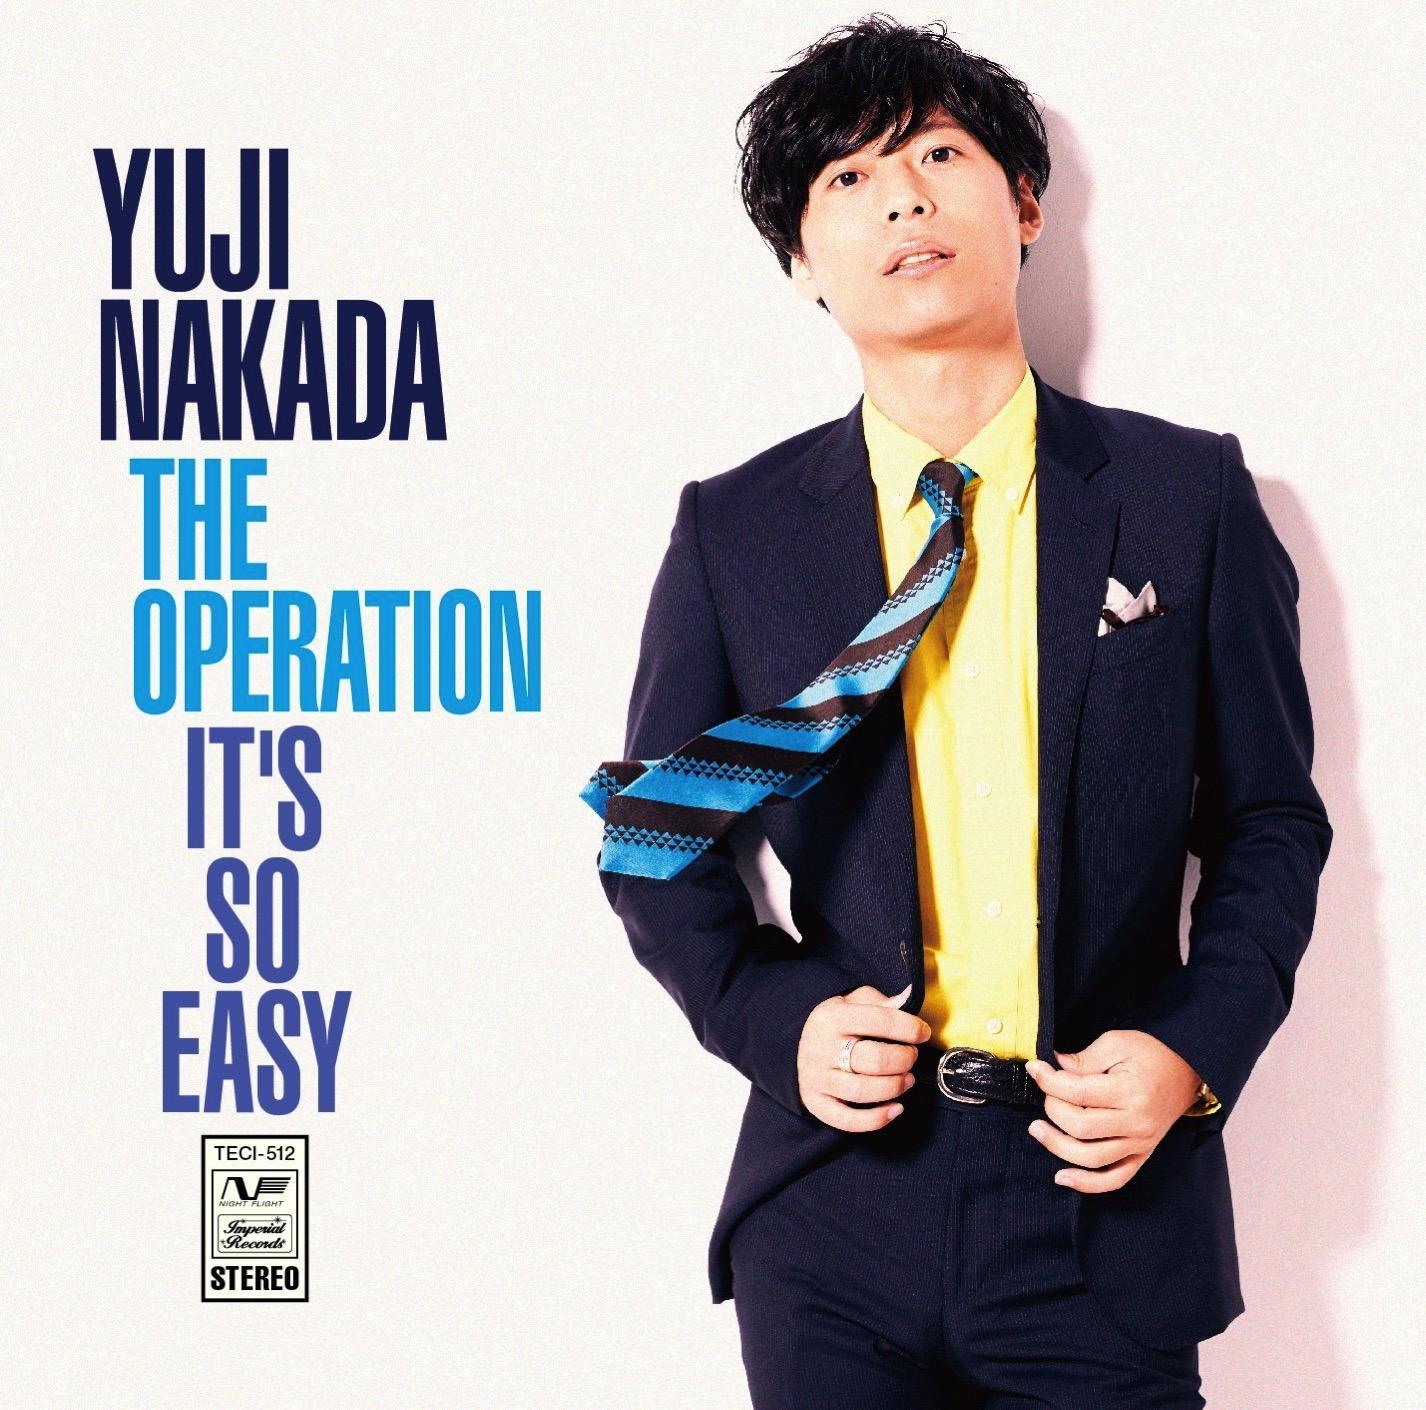 Yujinakada the operation its so easy